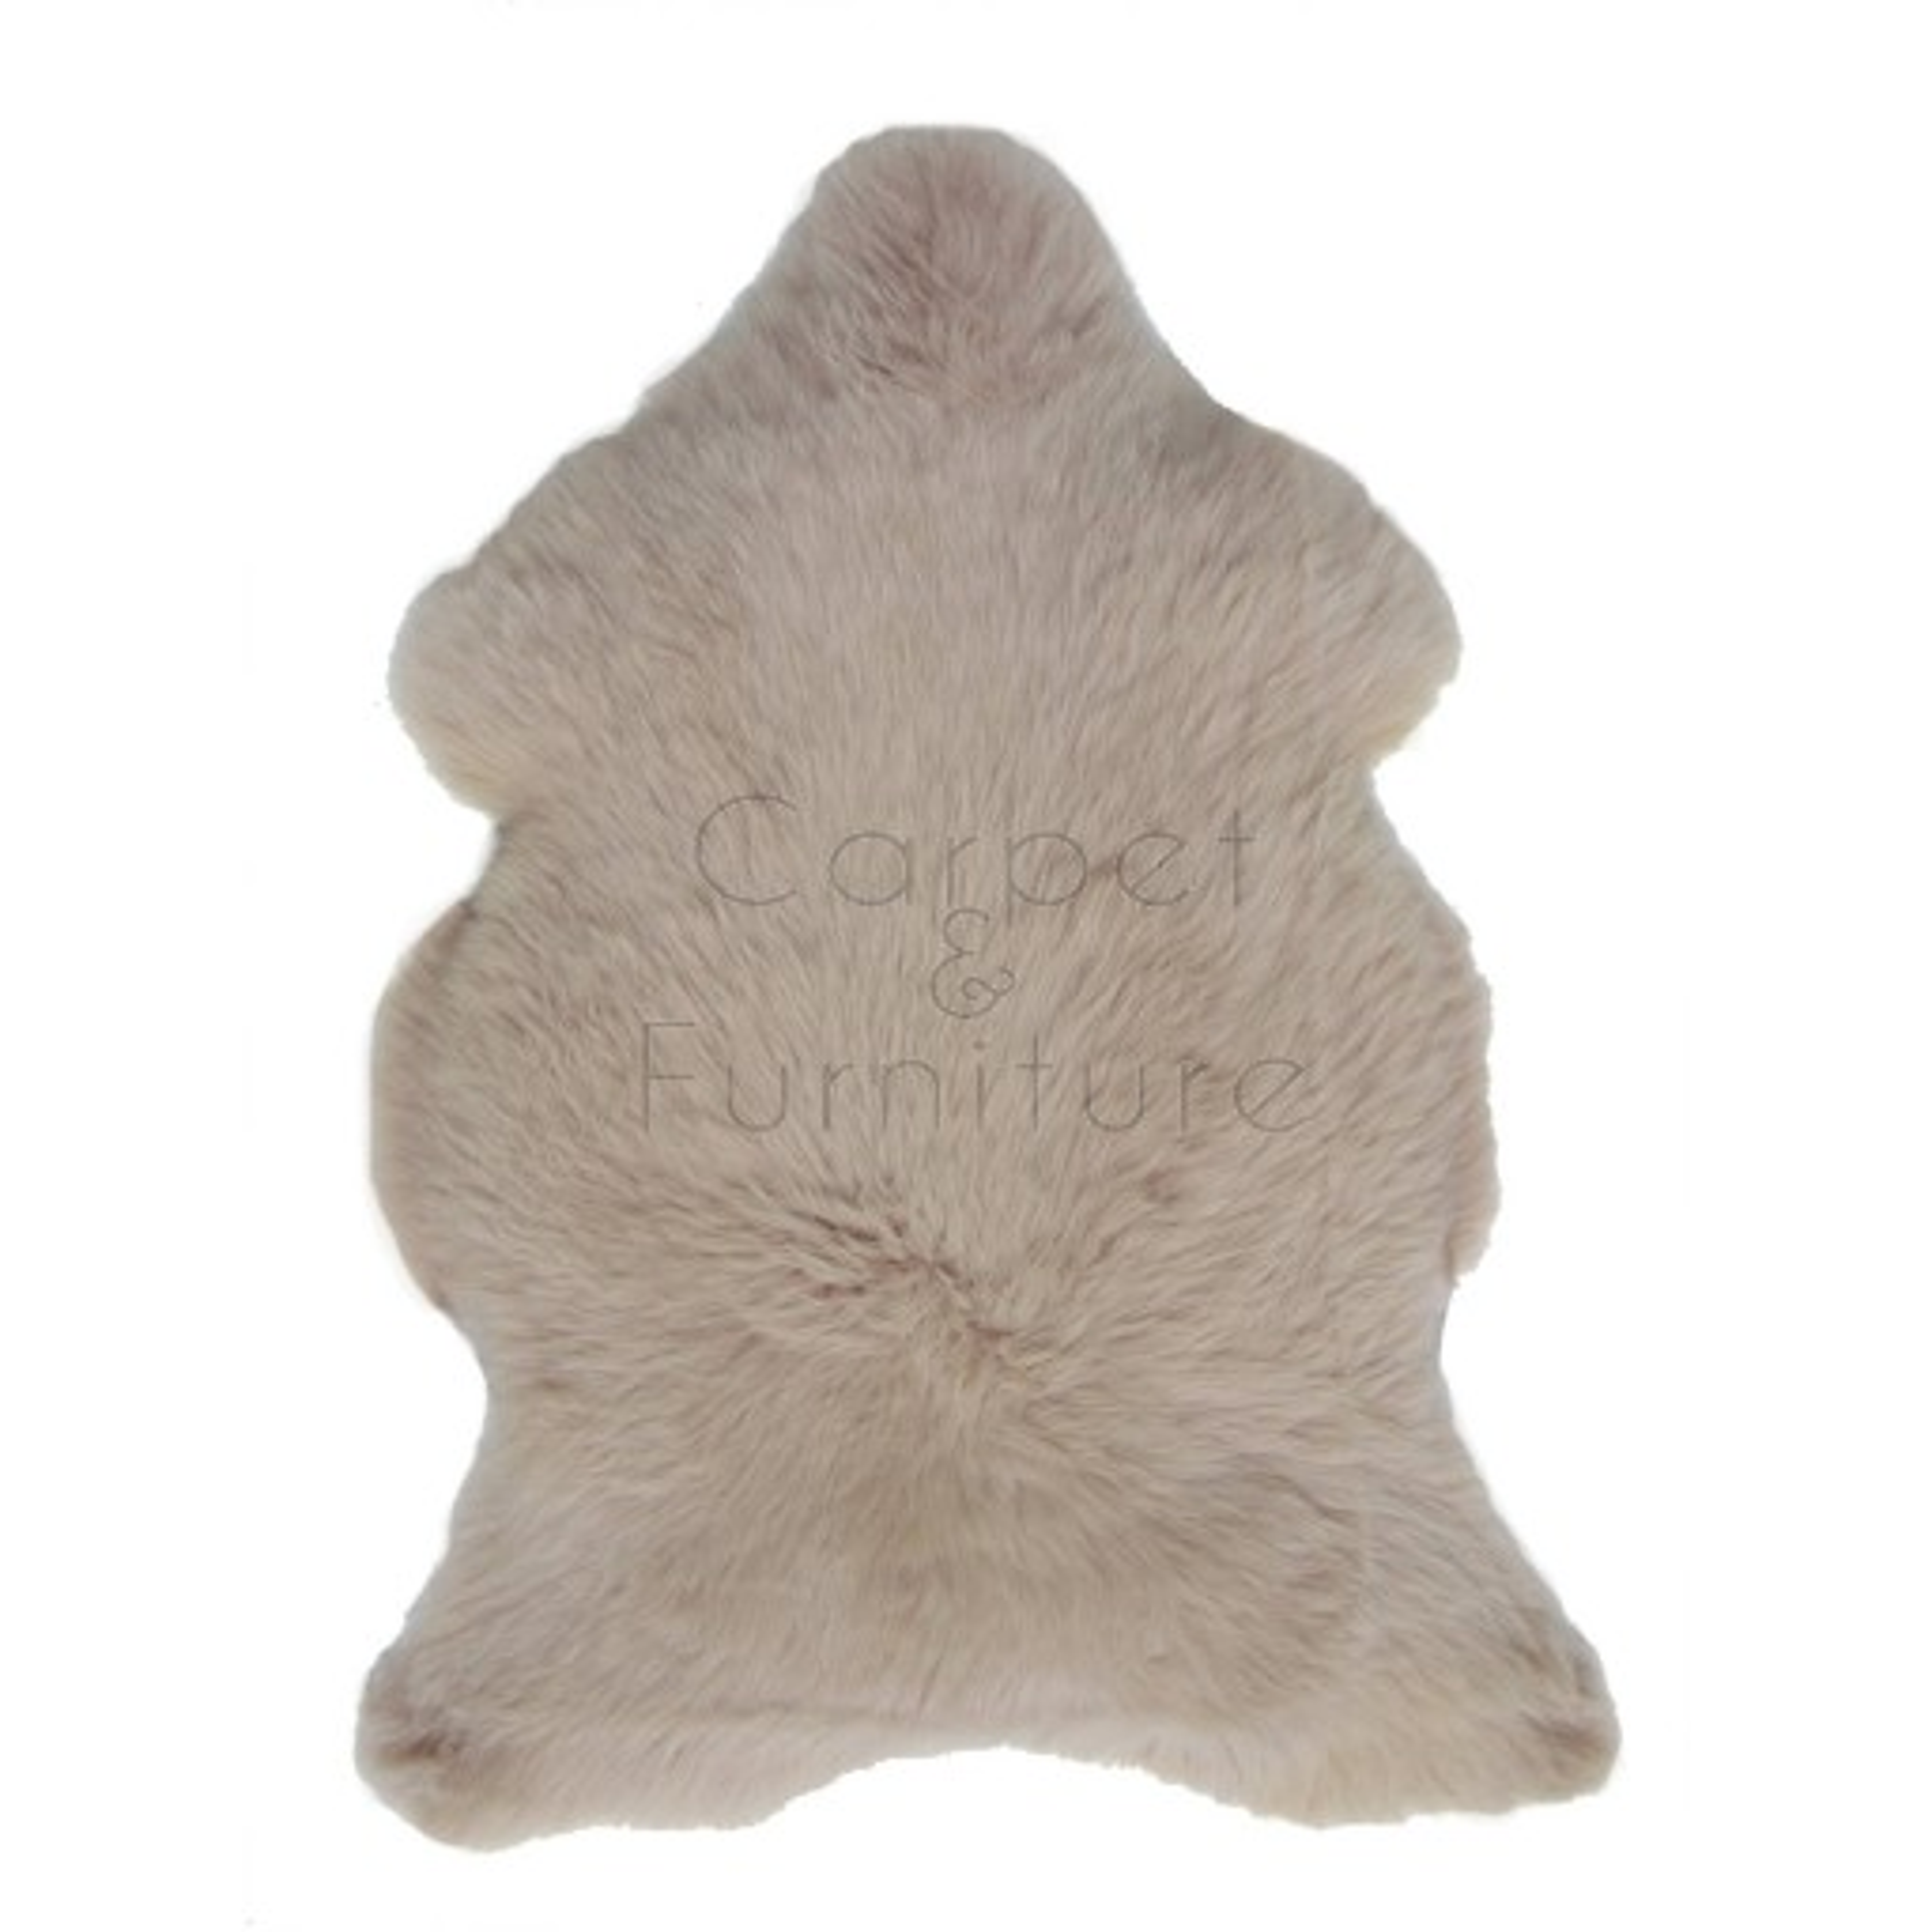 British Sheepskin Rug  - Warm Beige-Quad Skin